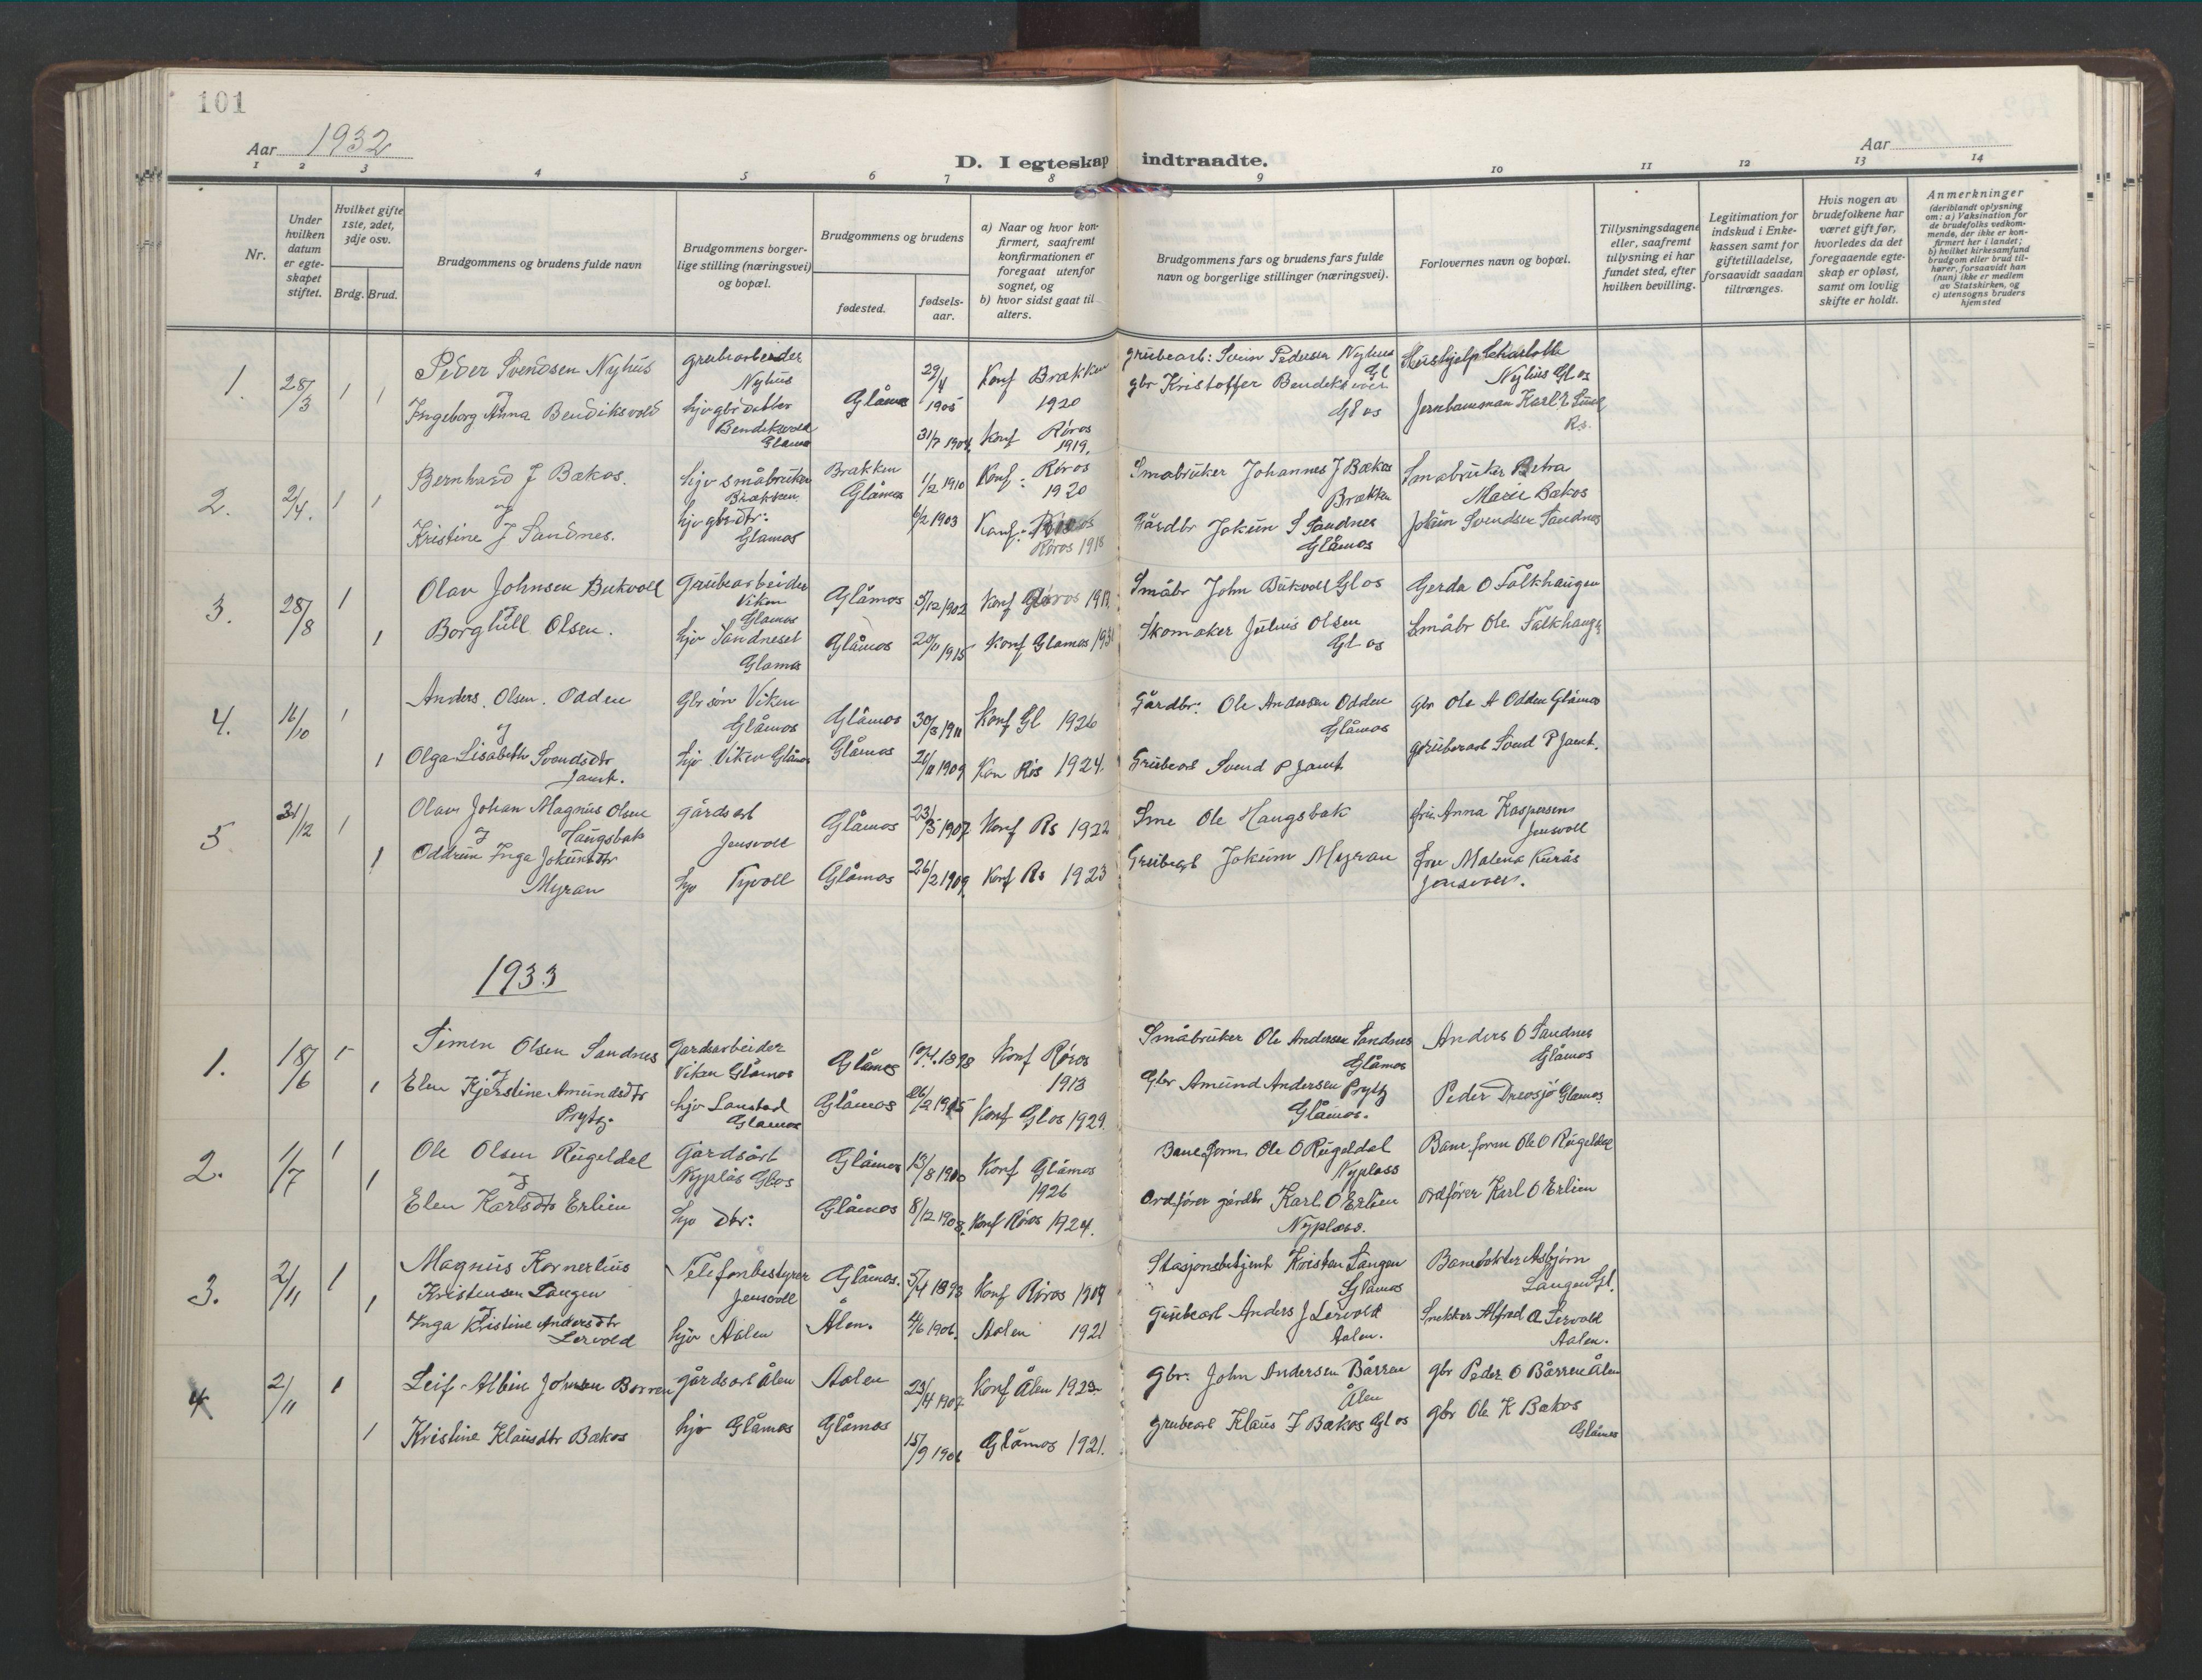 SAT, Ministerialprotokoller, klokkerbøker og fødselsregistre - Sør-Trøndelag, 682/L0947: Klokkerbok nr. 682C01, 1926-1968, s. 101